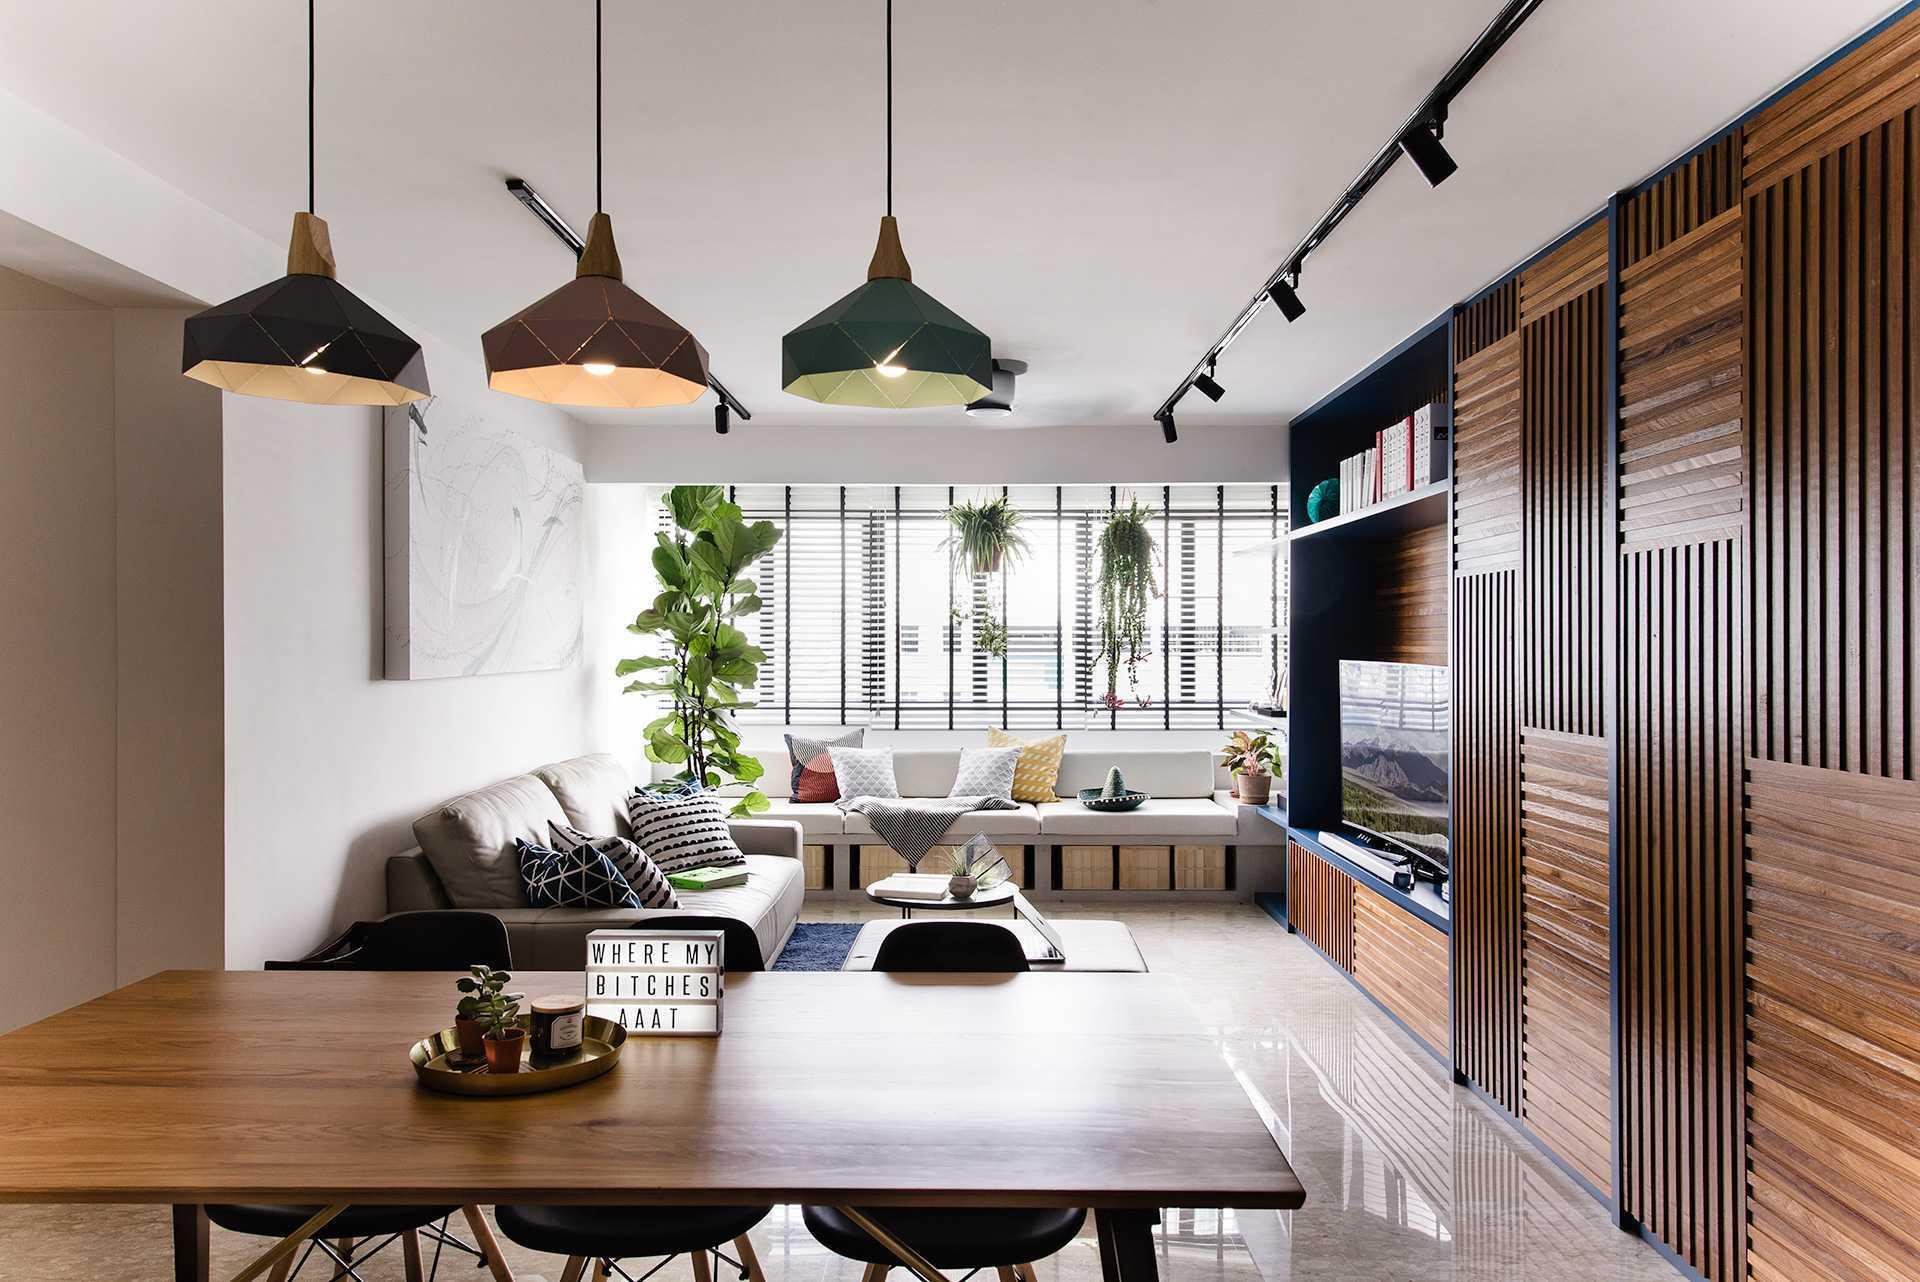 Ragam Ide Kreatif Mendekorasi Ruangan dengan Tanaman Hijau | Foto artikel Arsitag